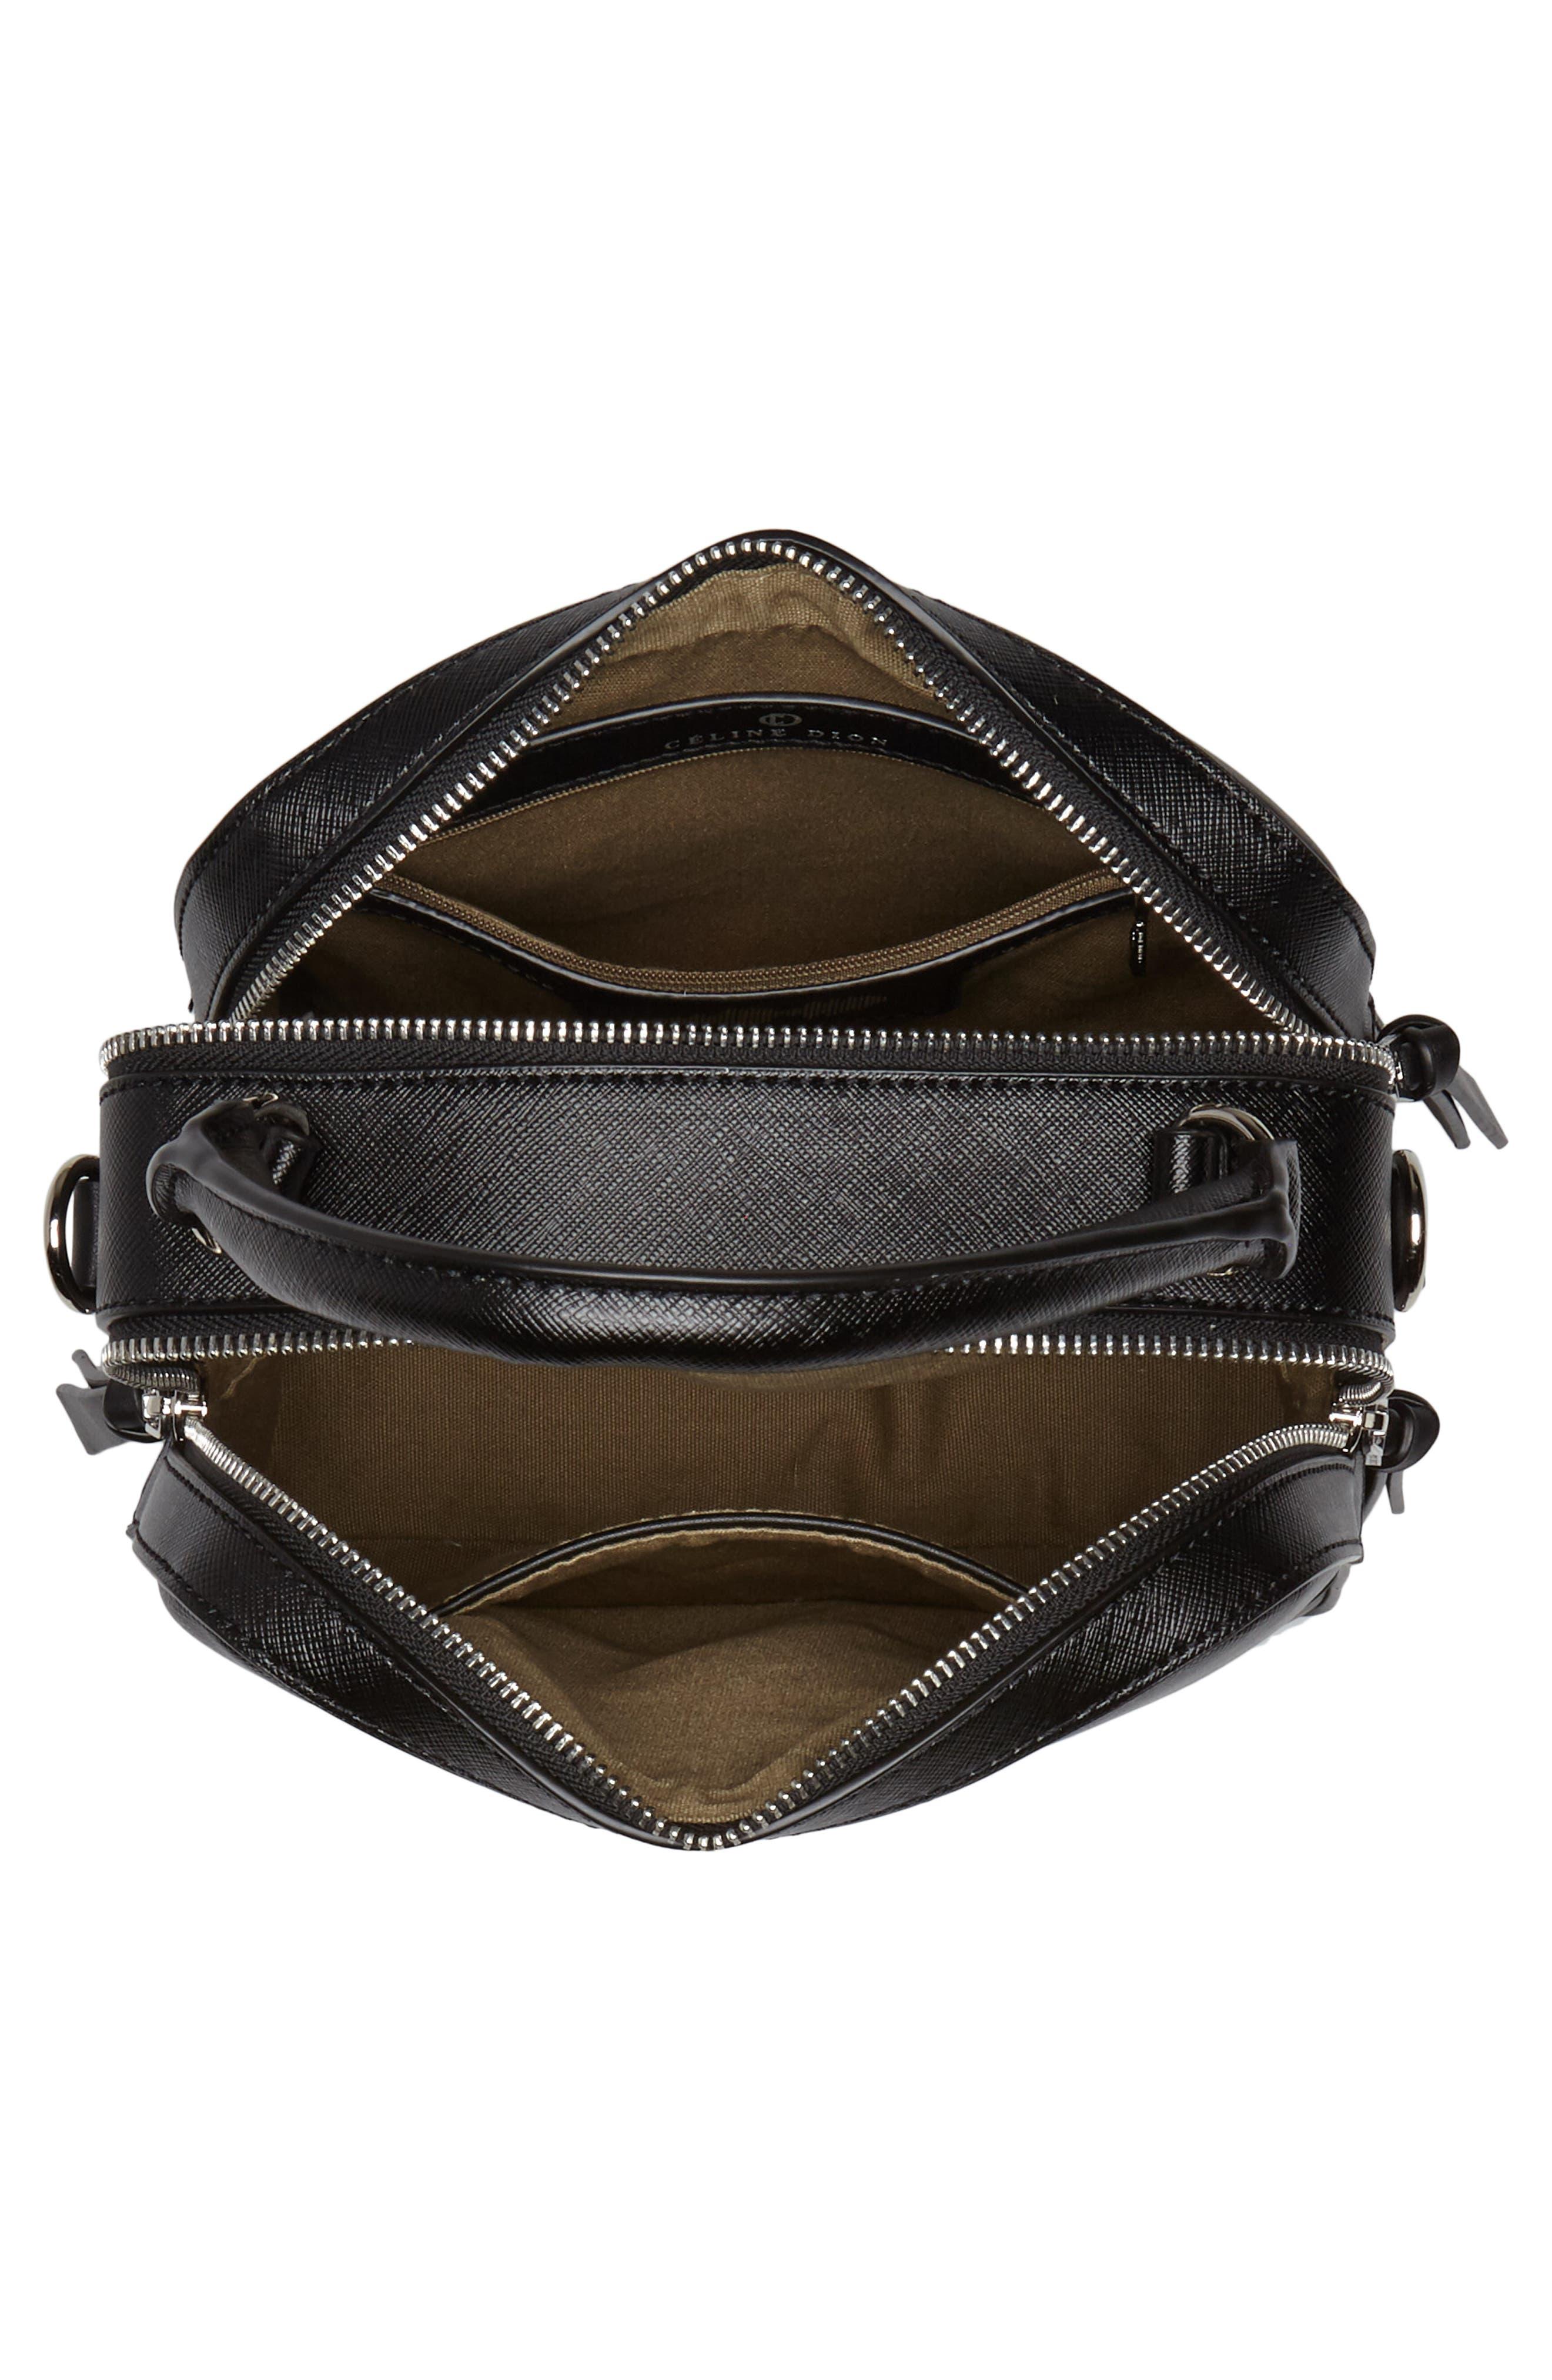 Céline Dion Motif Top Handle Leather Satchel,                             Alternate thumbnail 10, color,